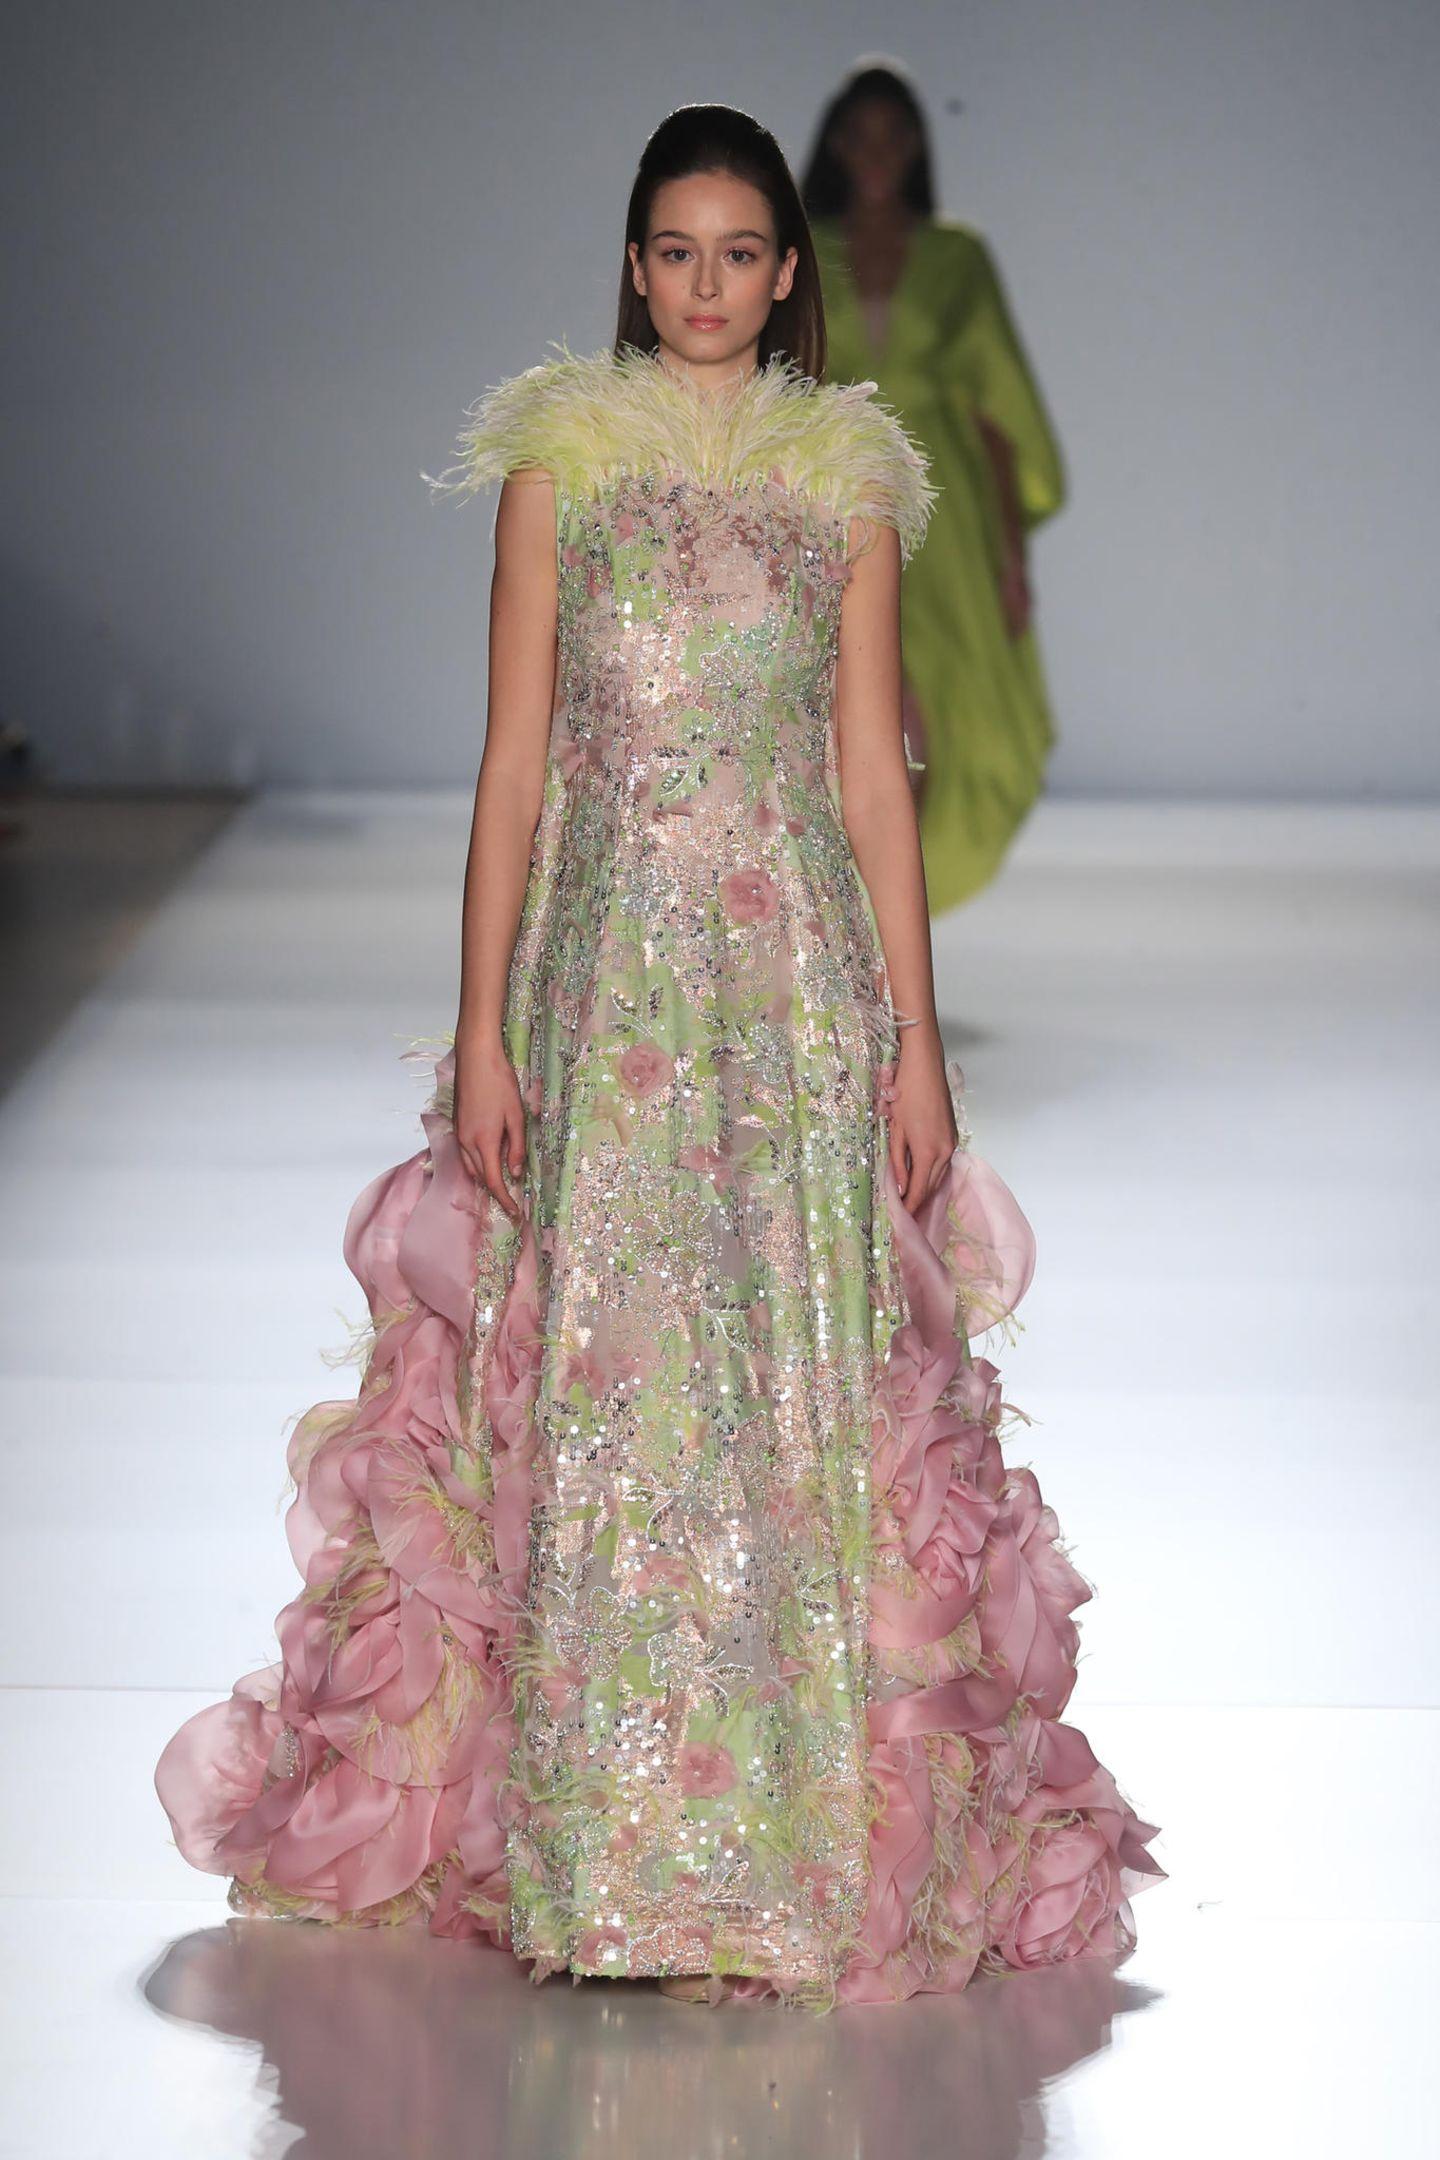 Ralph & Russo zeigt während seiner Haute Couture Show Roben mit Federeinsätzen und Strass-Applikationen.